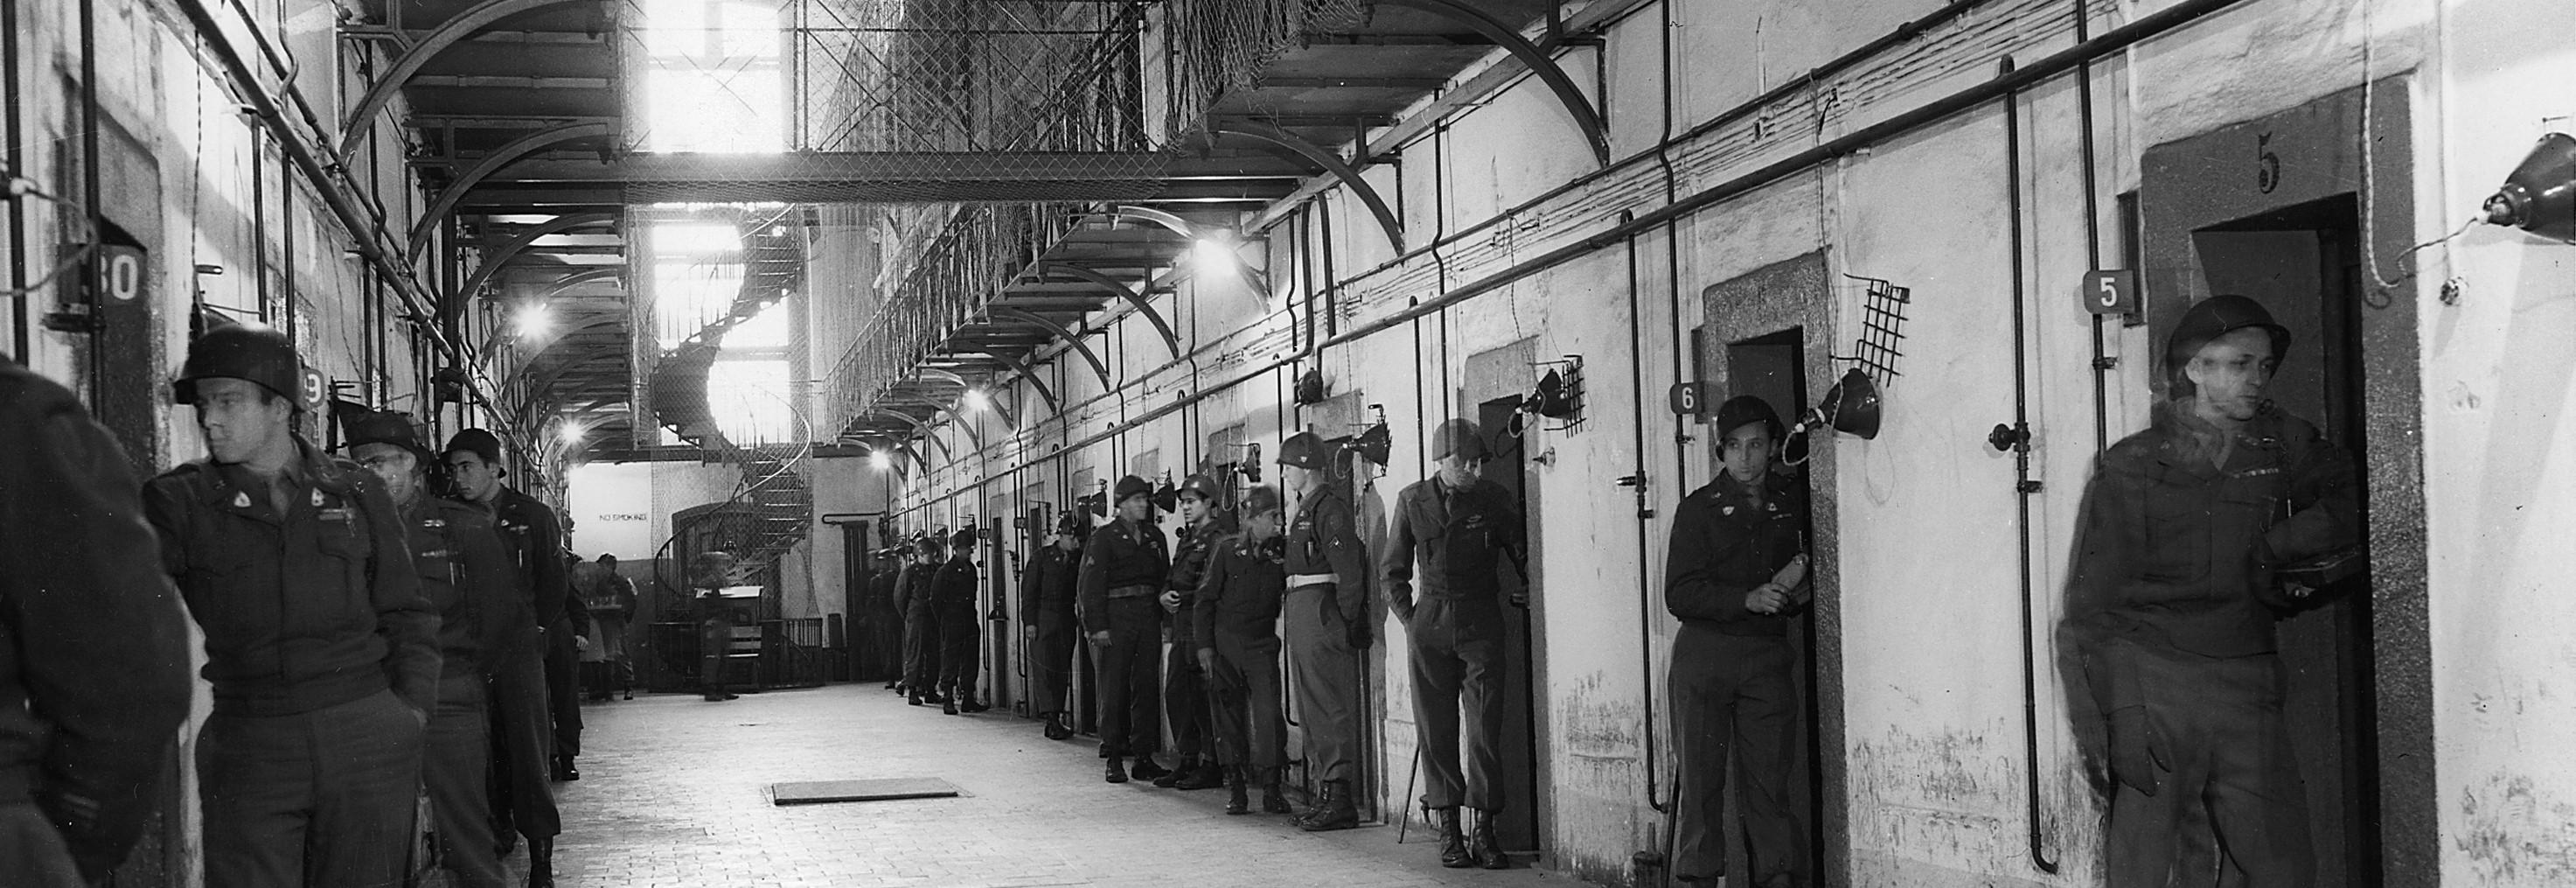 Pasillo del ala de los detenidos de la Prisión de Nuremberg. Los guardias bálticos, bajo la supervisión de las autoridades estadounidenses, vigilaban constantemente a los encausados mientras permanecían en sus celdas (20 Nov. 1945 - 1 Oct. 1946)